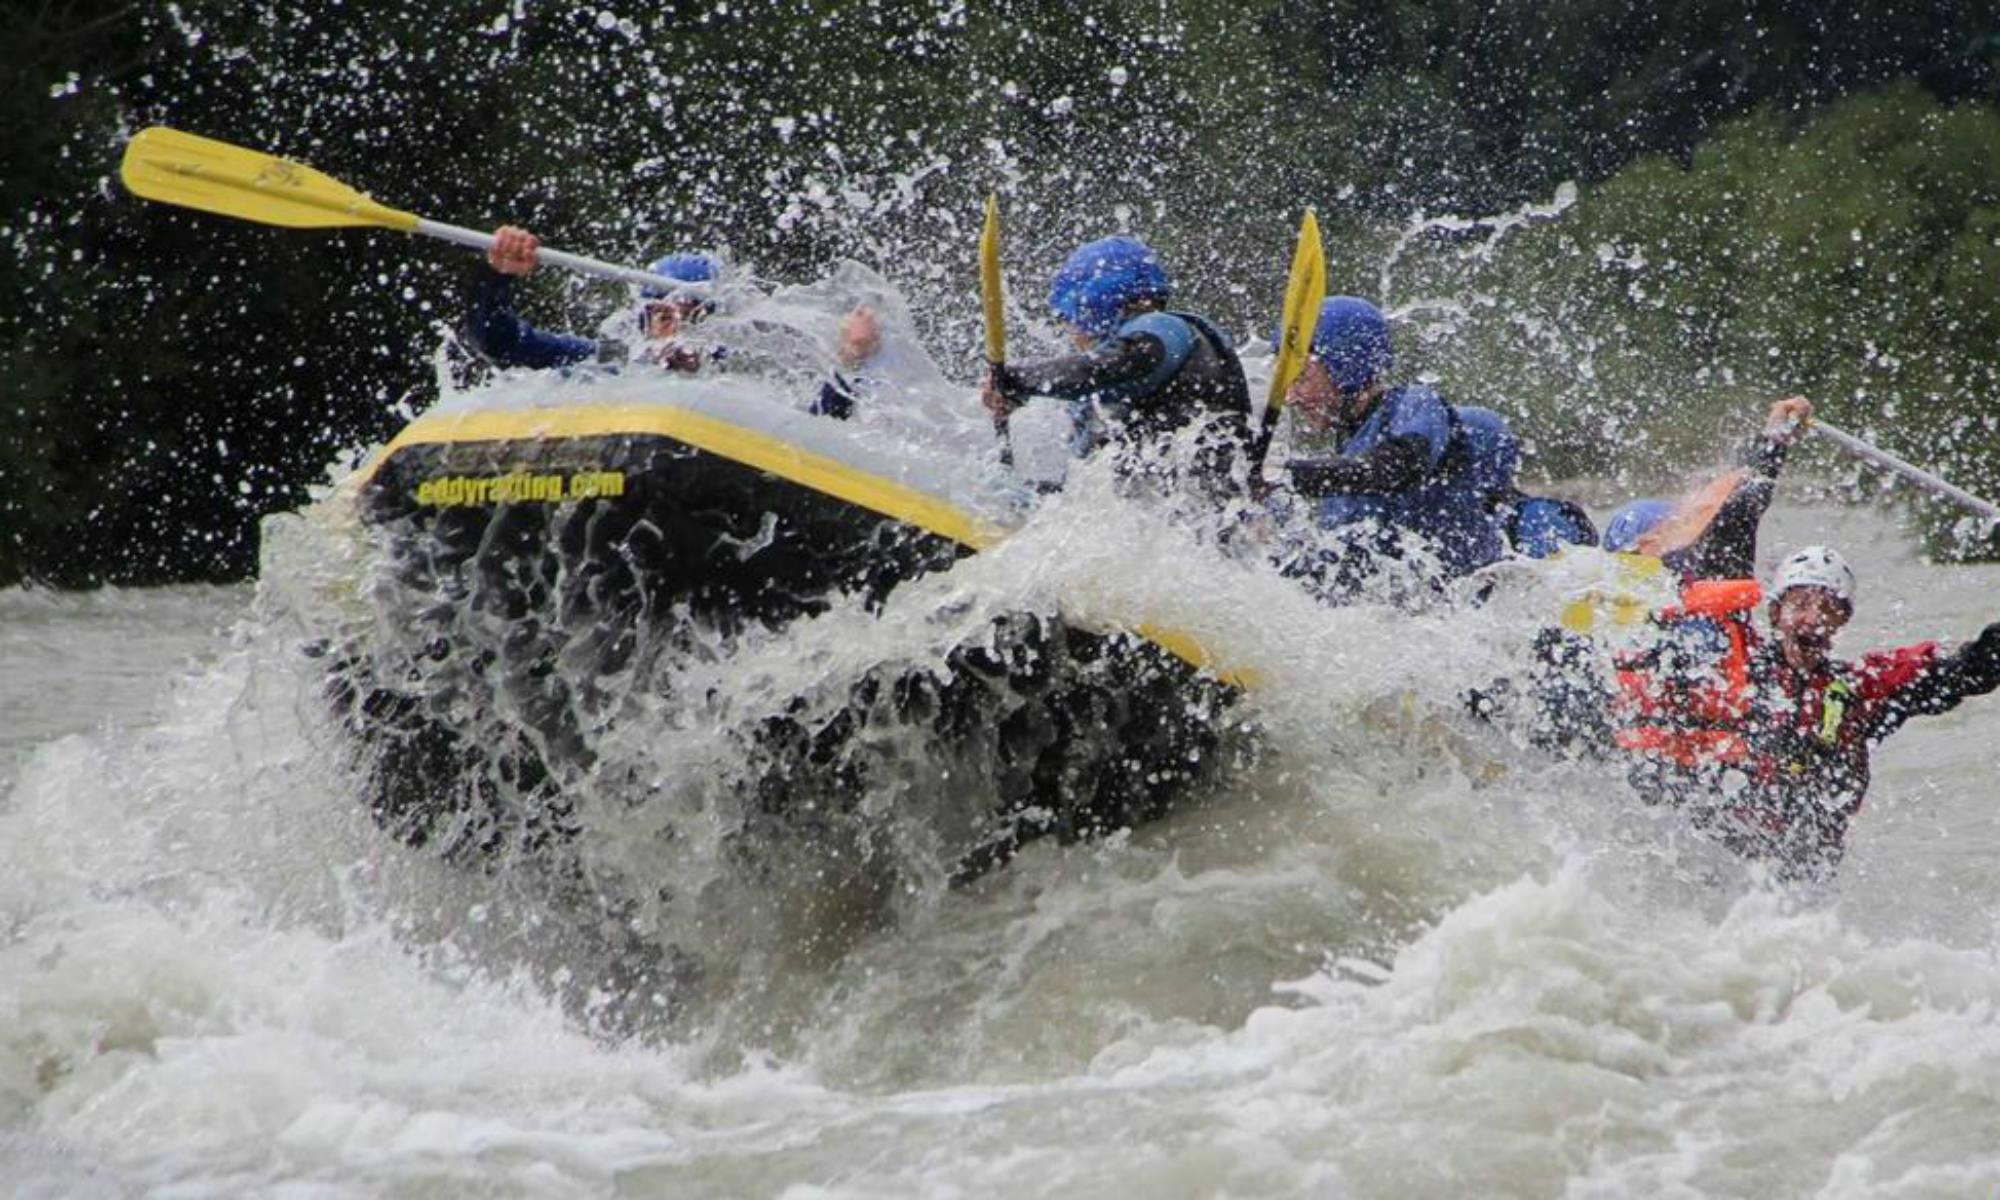 L'equipaggio sta affrontando l'acqua potente dell'Ötztaler Ache in Austria.